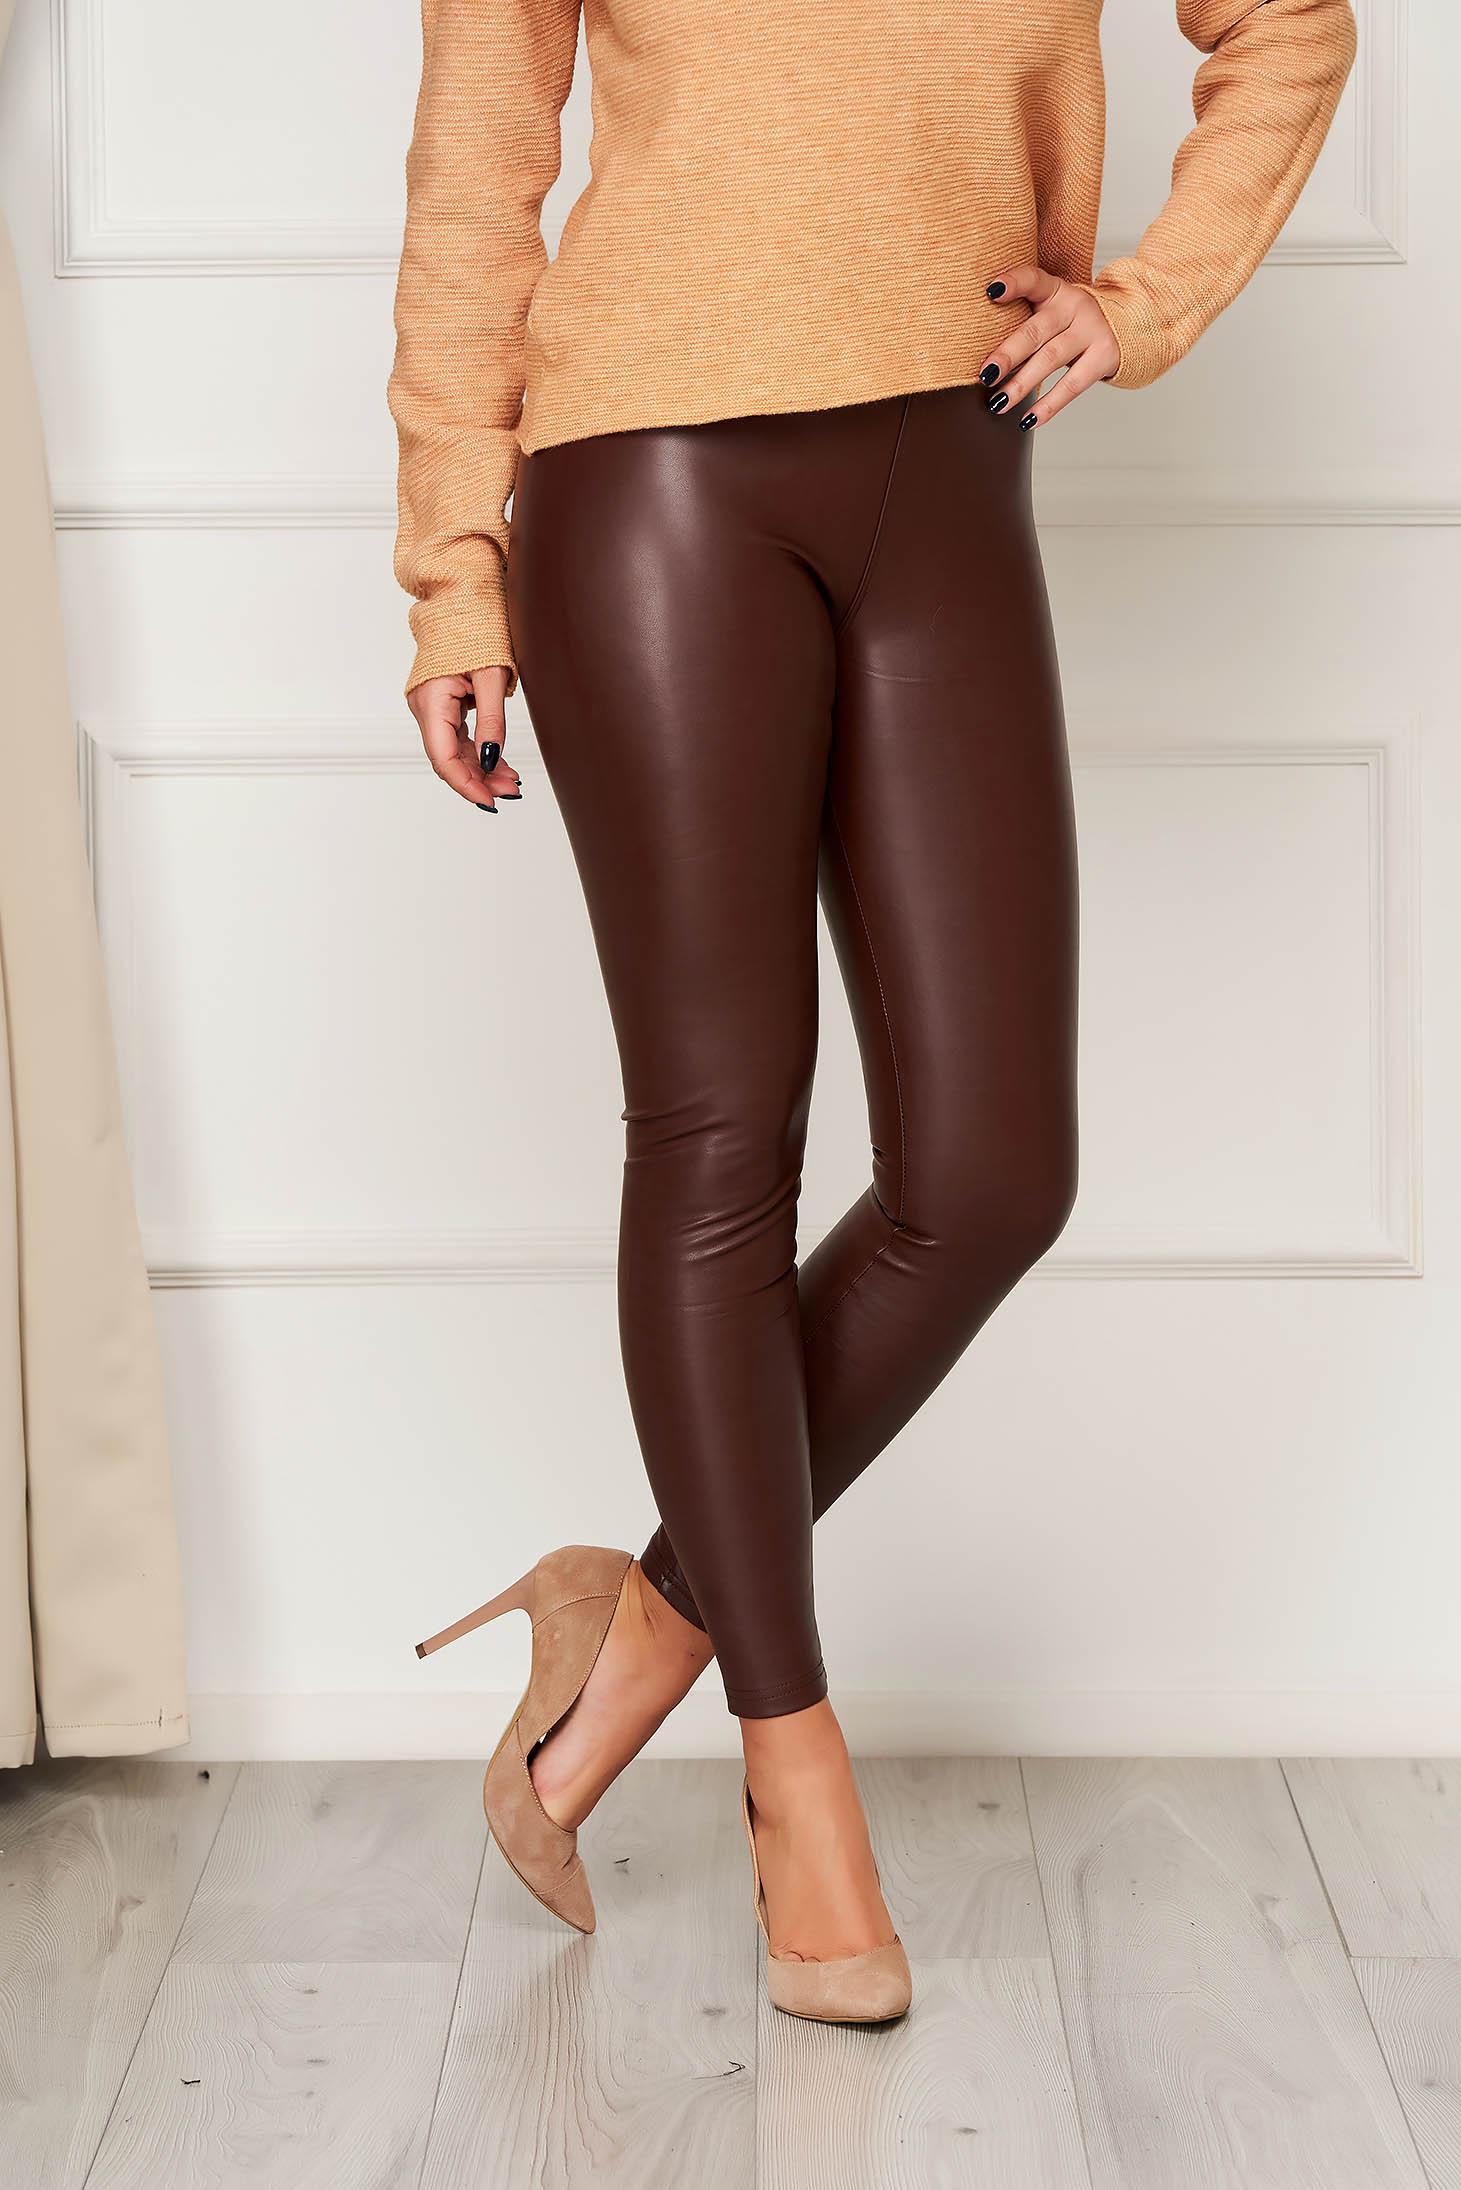 Burgundy műbőr party leggings rugalmas anyagból és elasztikus magas derékkal